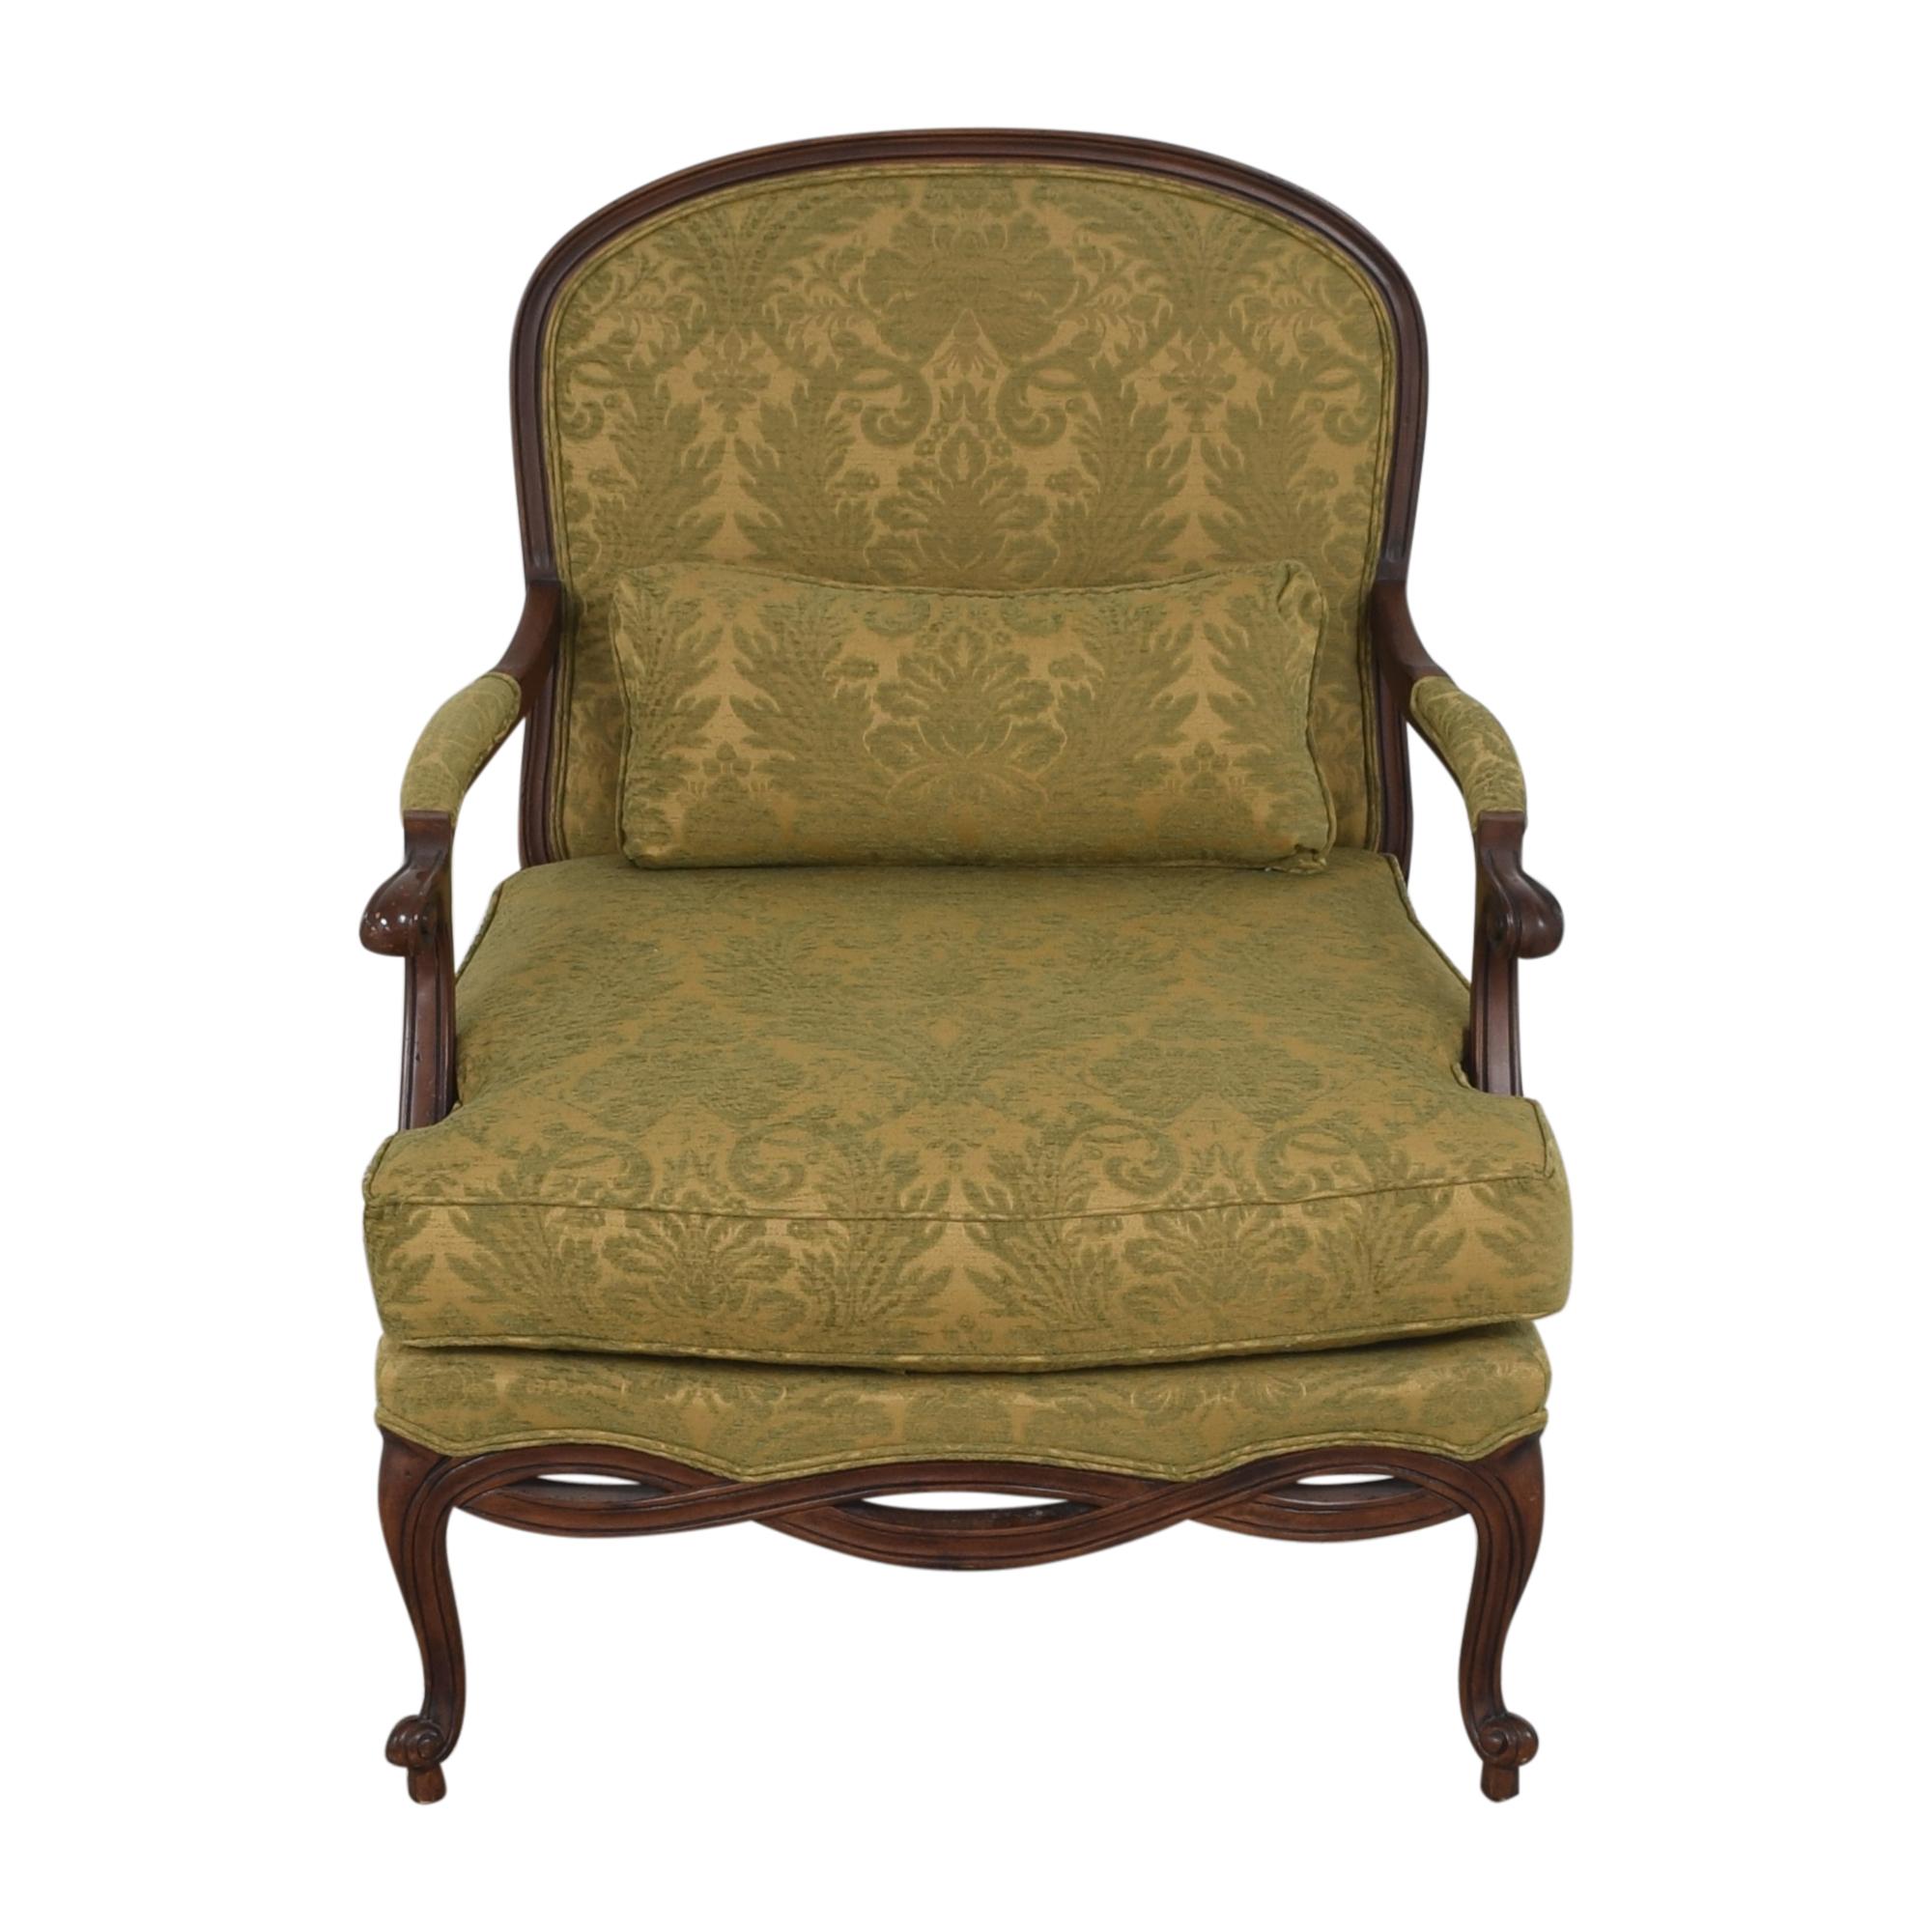 Ethan Allen Ethan Allen Bergere Chair nj